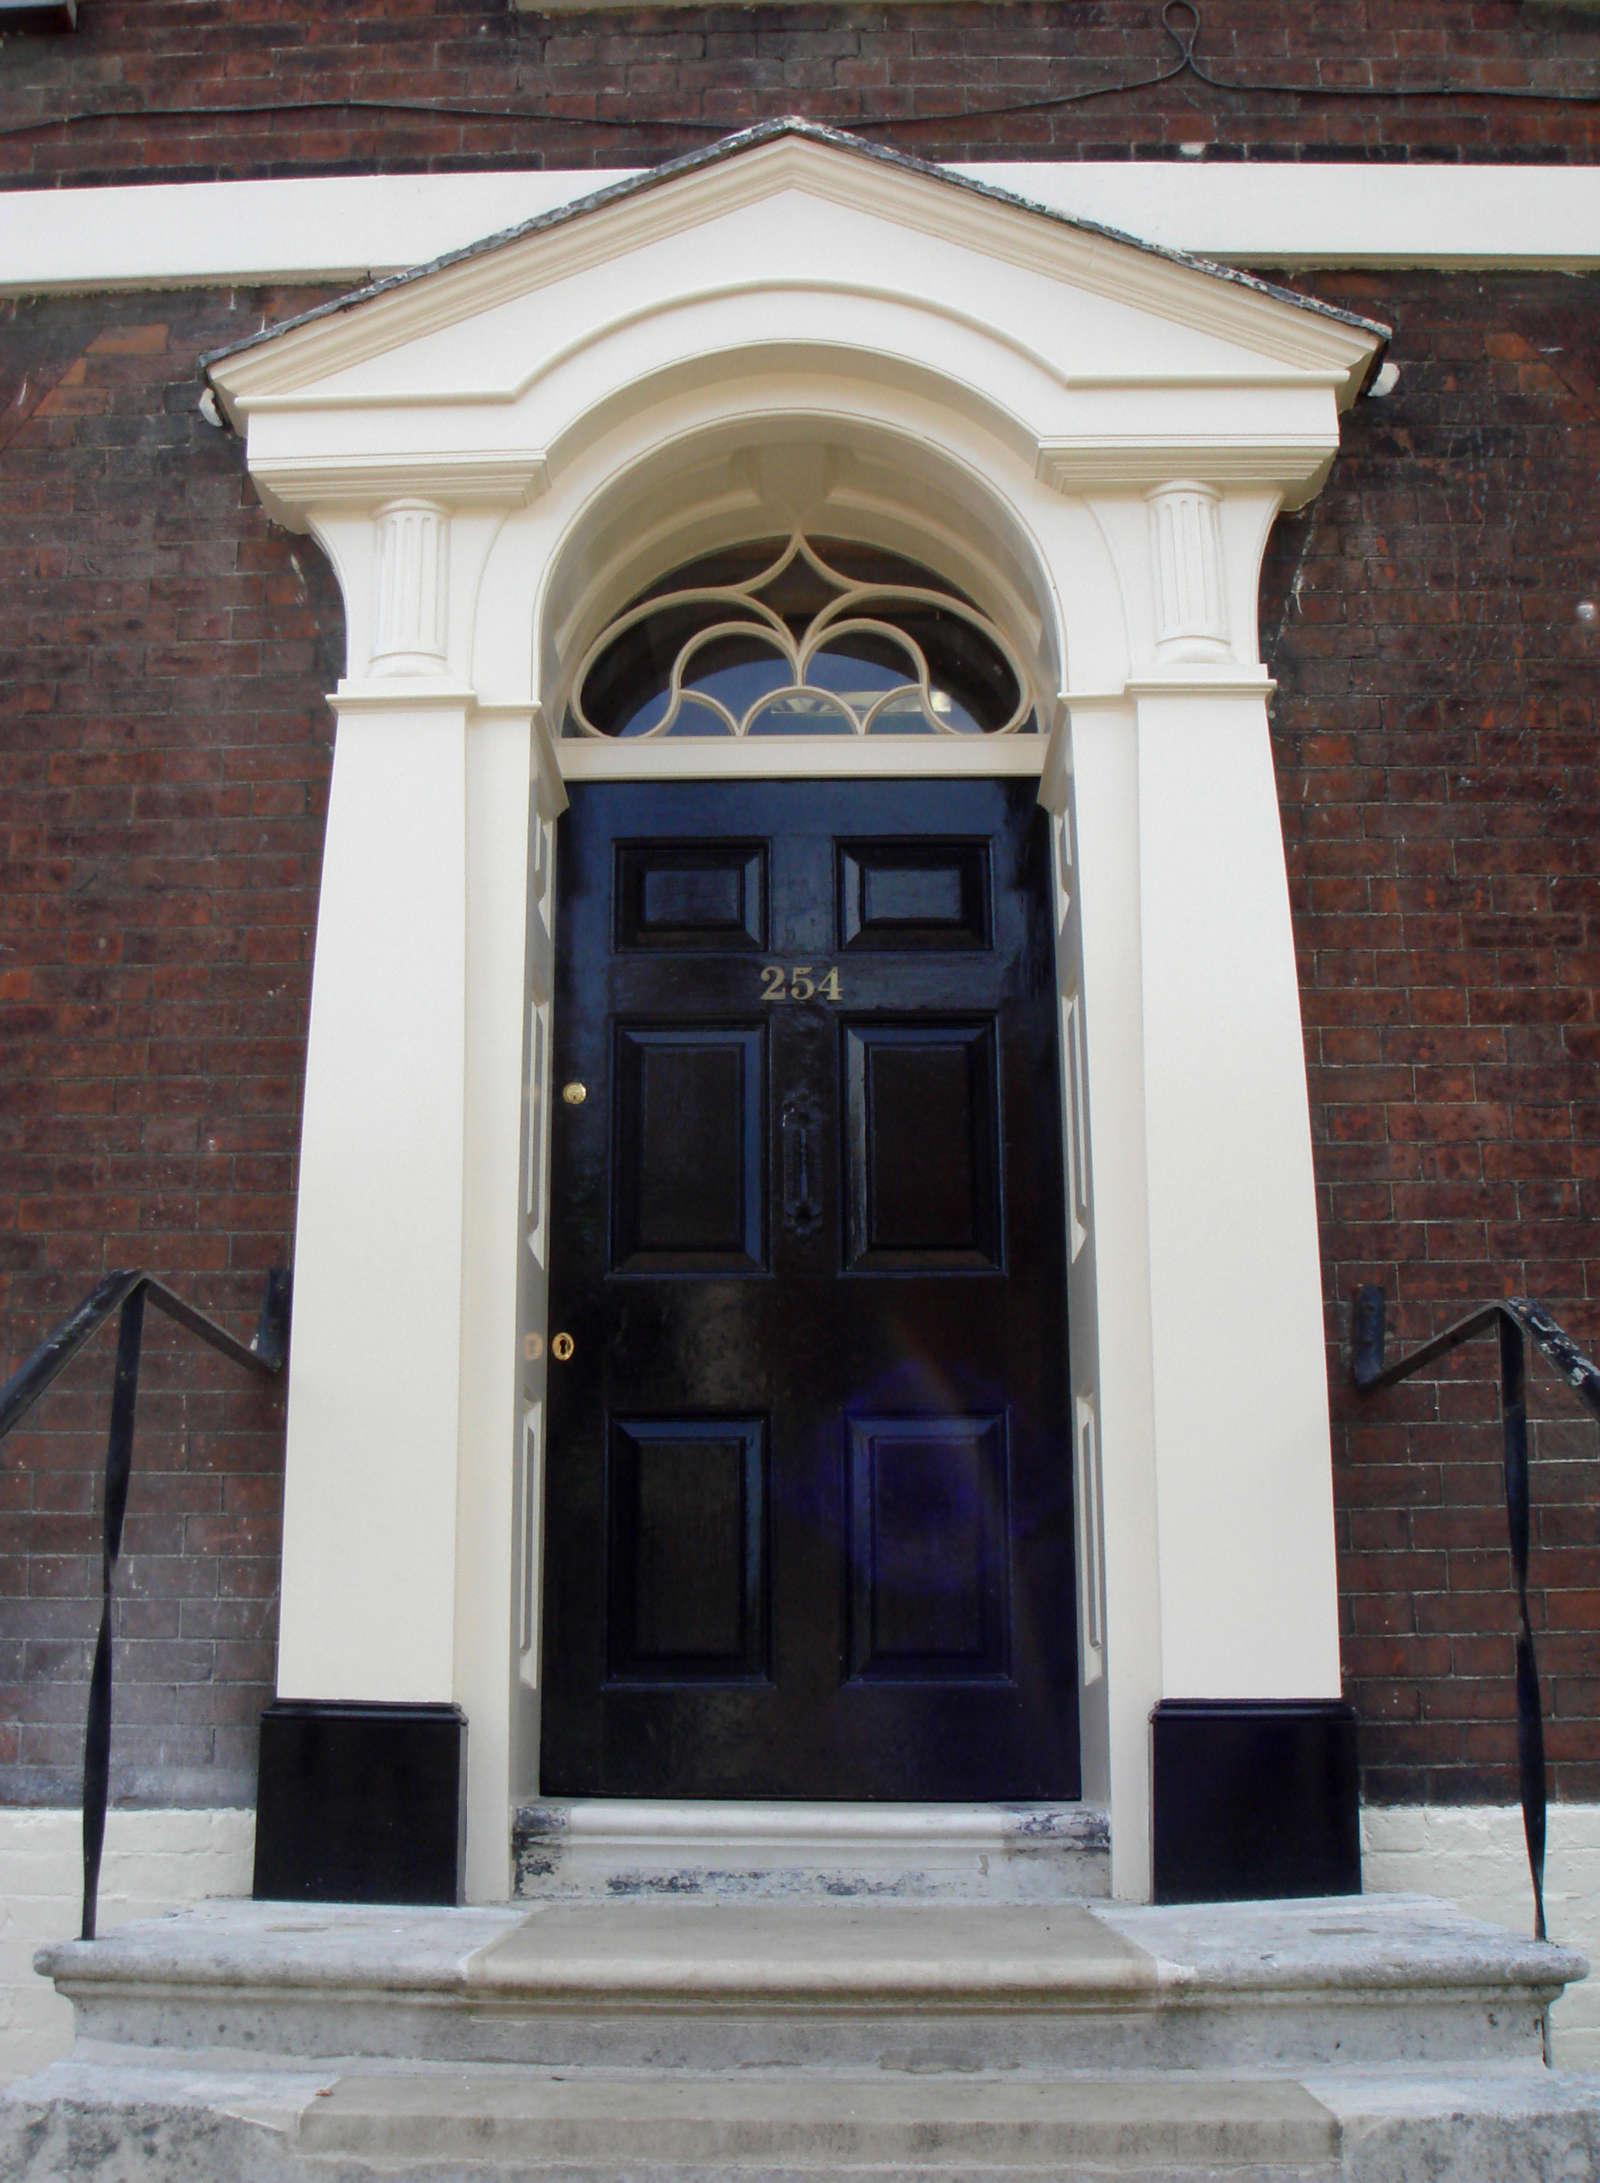 254 Front Door